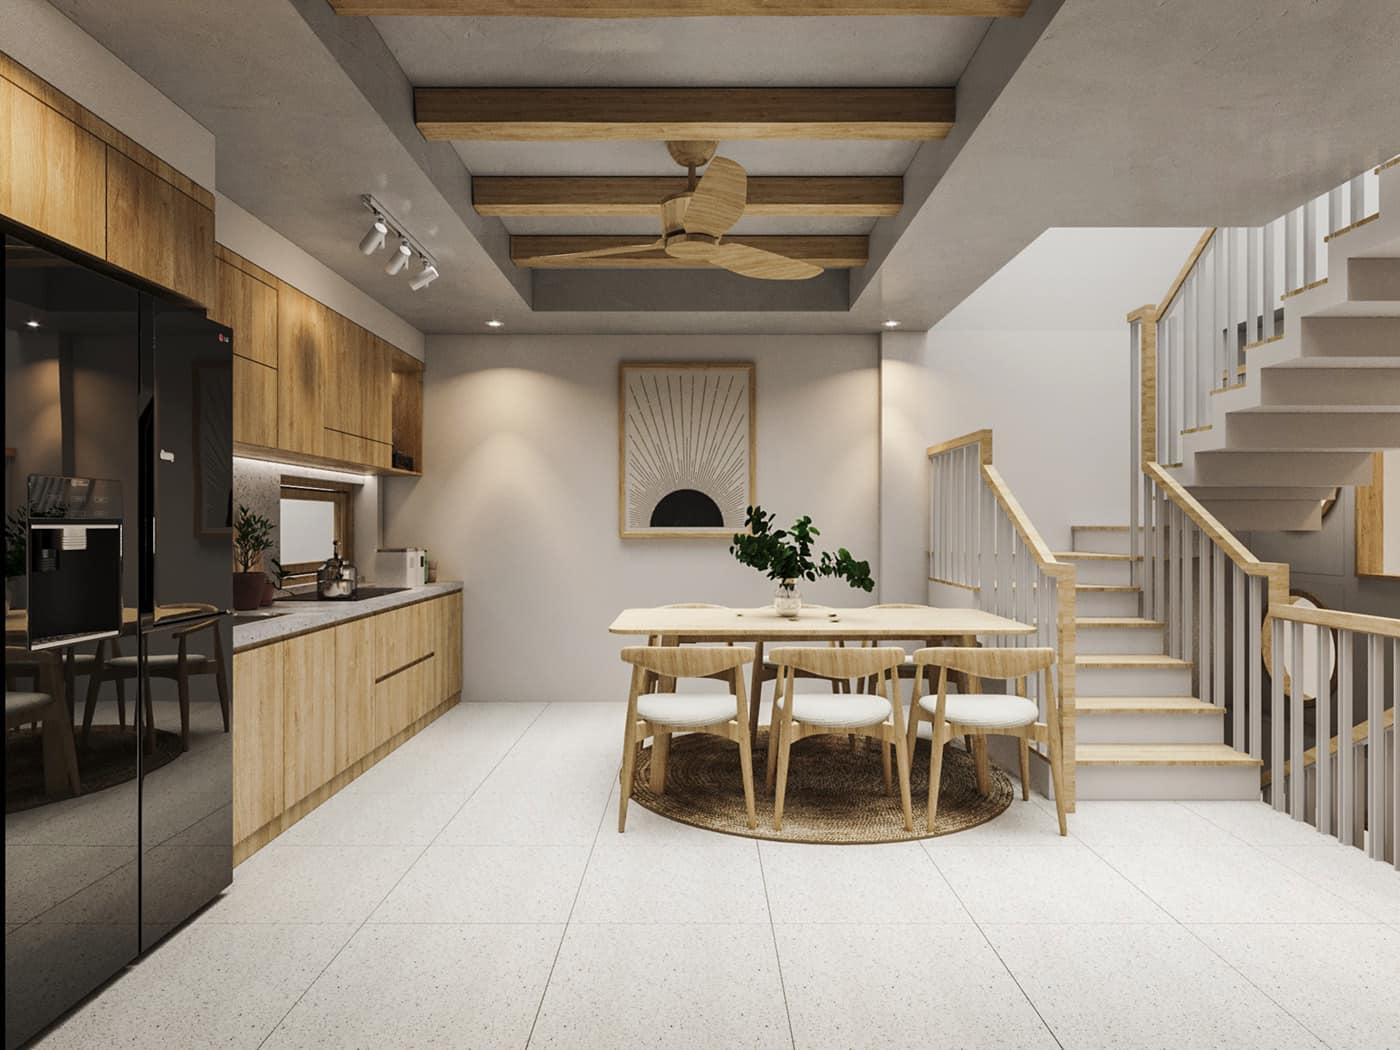 Thiết kế nội thất nhà ở theo phong cách Nhật Bản đơn giản mộc mạc